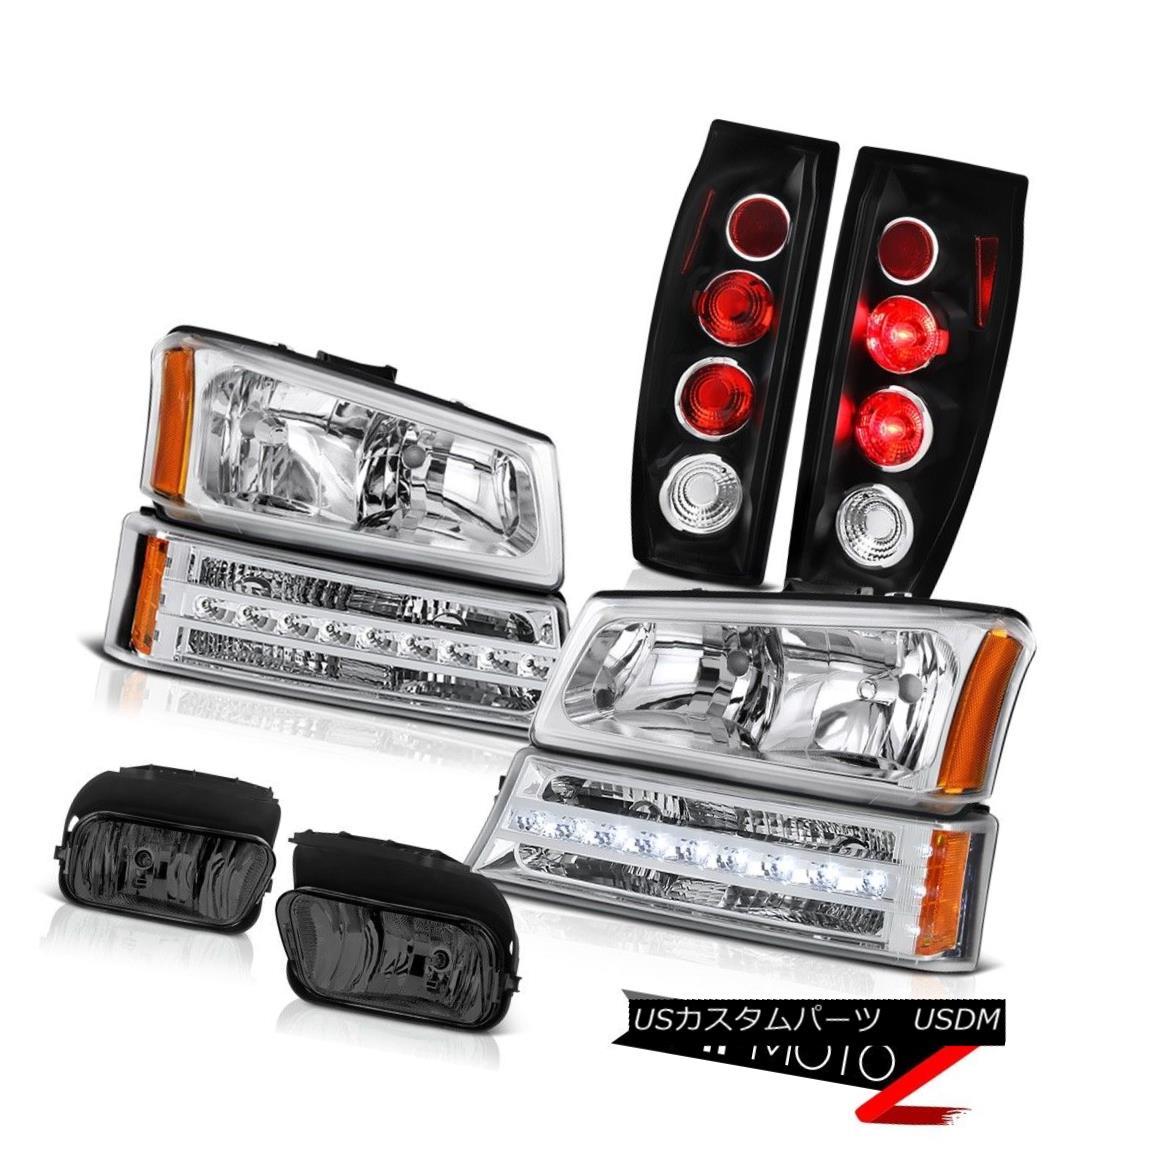 ヘッドライト 03-06 Avalanche 1500 Foglamps Black Tail Brake Lights Signal Light Headlights 03-06雪崩1500 Foglampsブラックテールブレーキライトシグナルライトヘッドライト